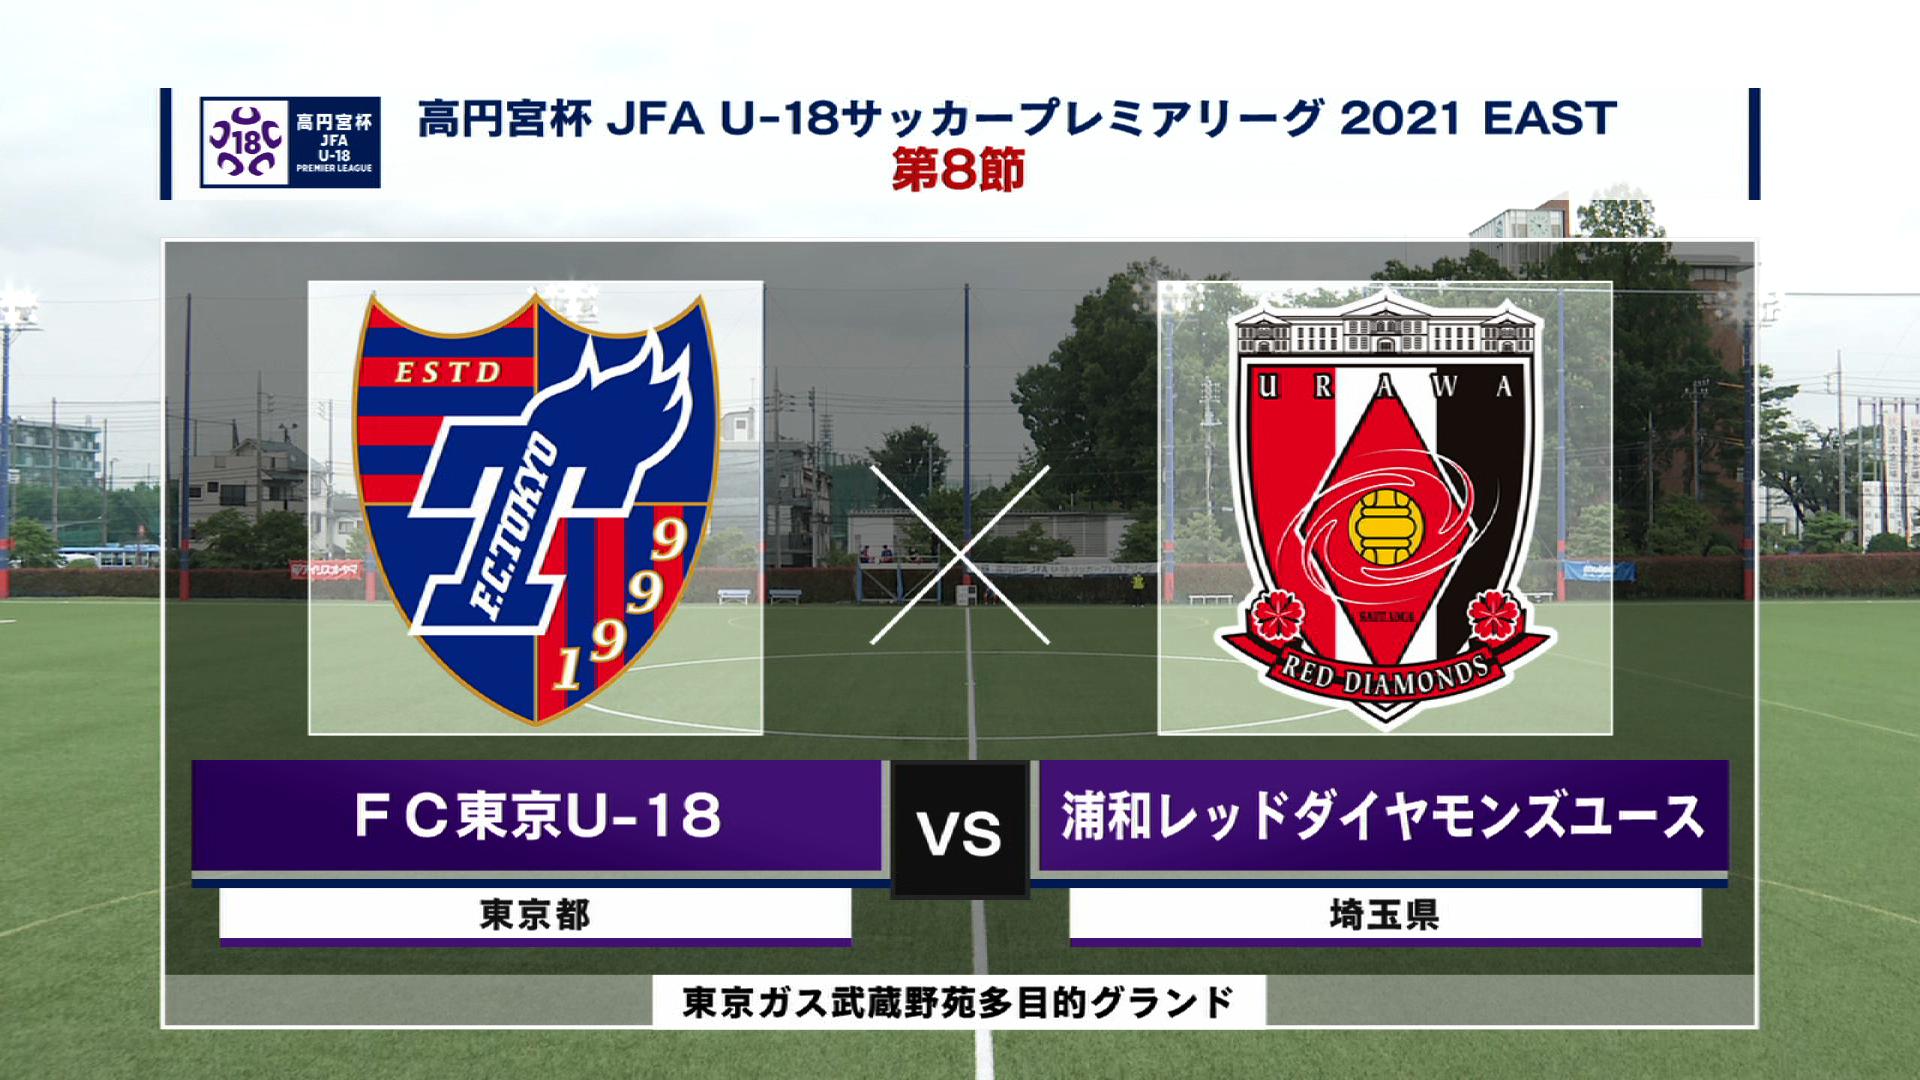 【ハイライト】FC東京U-18 vs. 浦和レッドダイヤモンズユース 高円宮杯 JFA U-18 サッカープレミアリーグ2021 EAST 第8節